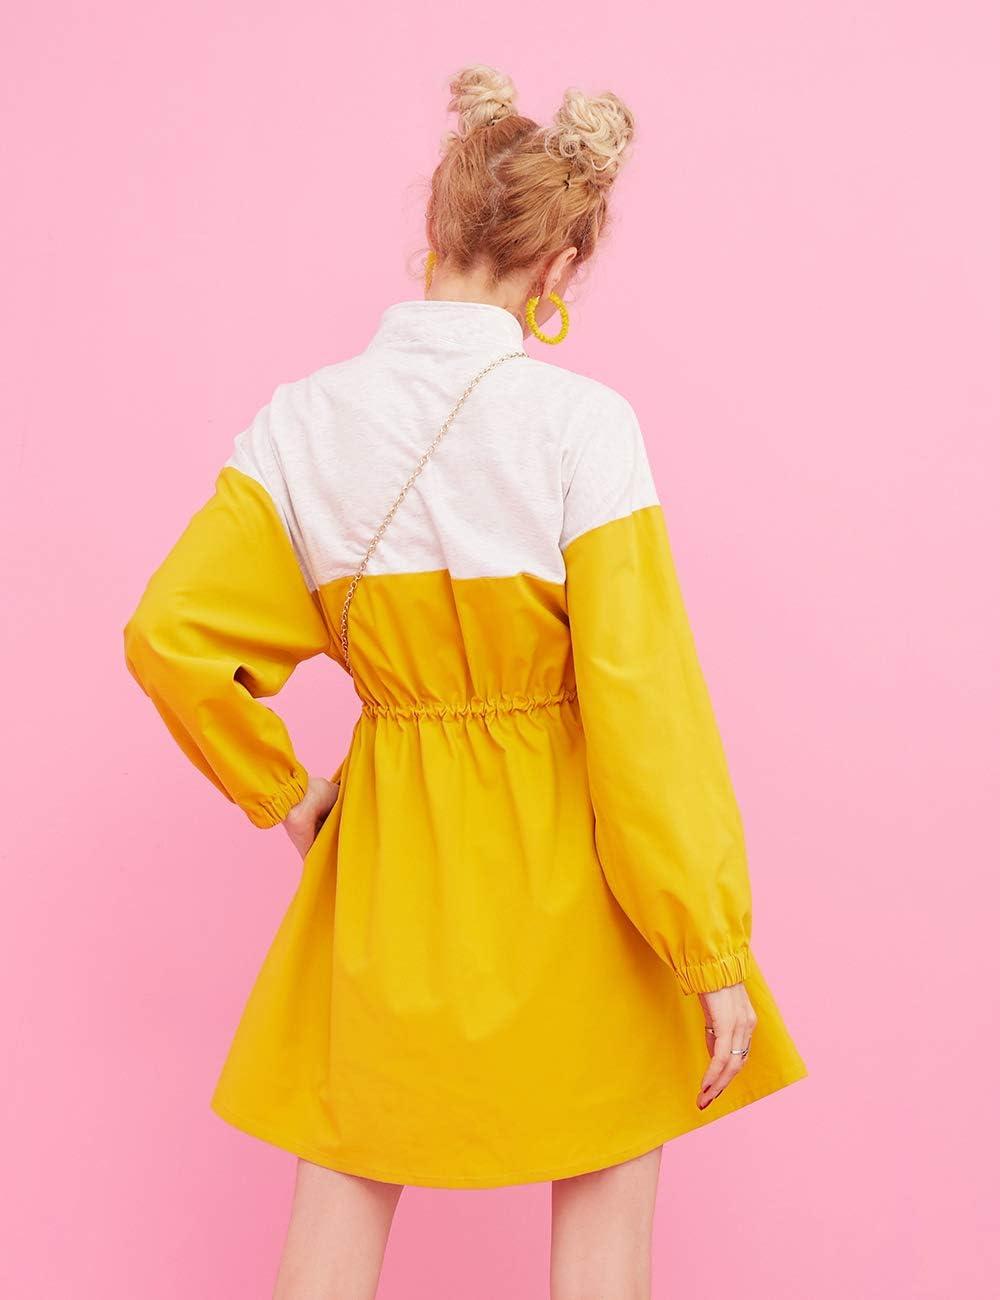 ELFSACK dames Zipper Drawstring Colorblock lang trenchcoat jurken vakantiejurken geel